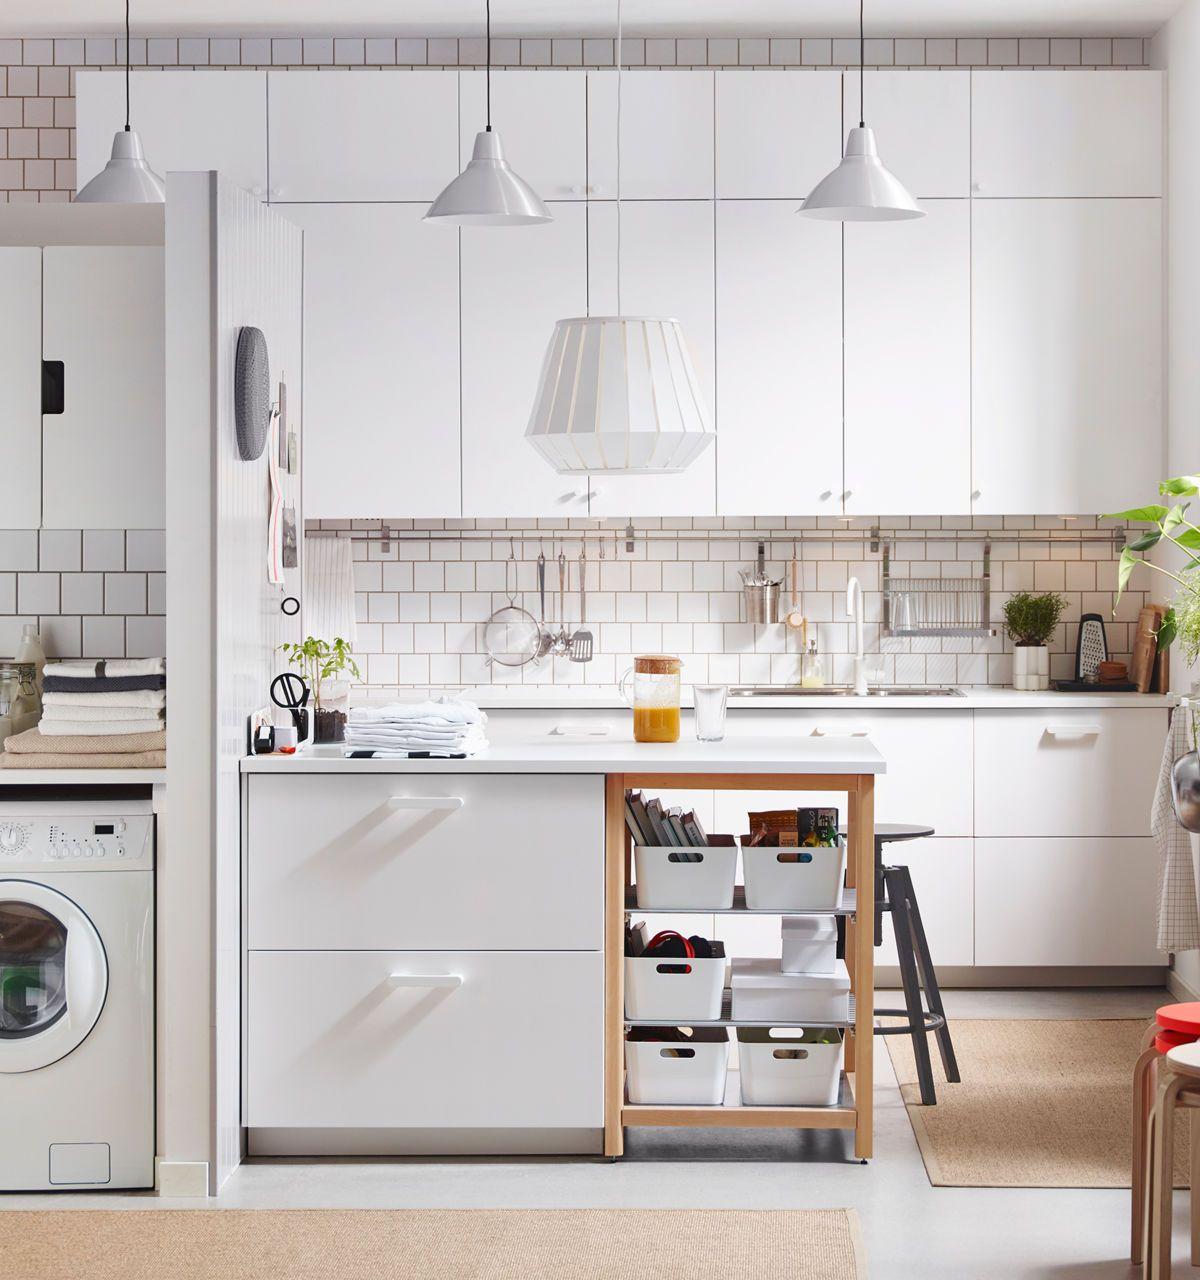 Küchen ikea katalog  IKEA Katalog 2016 | Kitchen | Pinterest